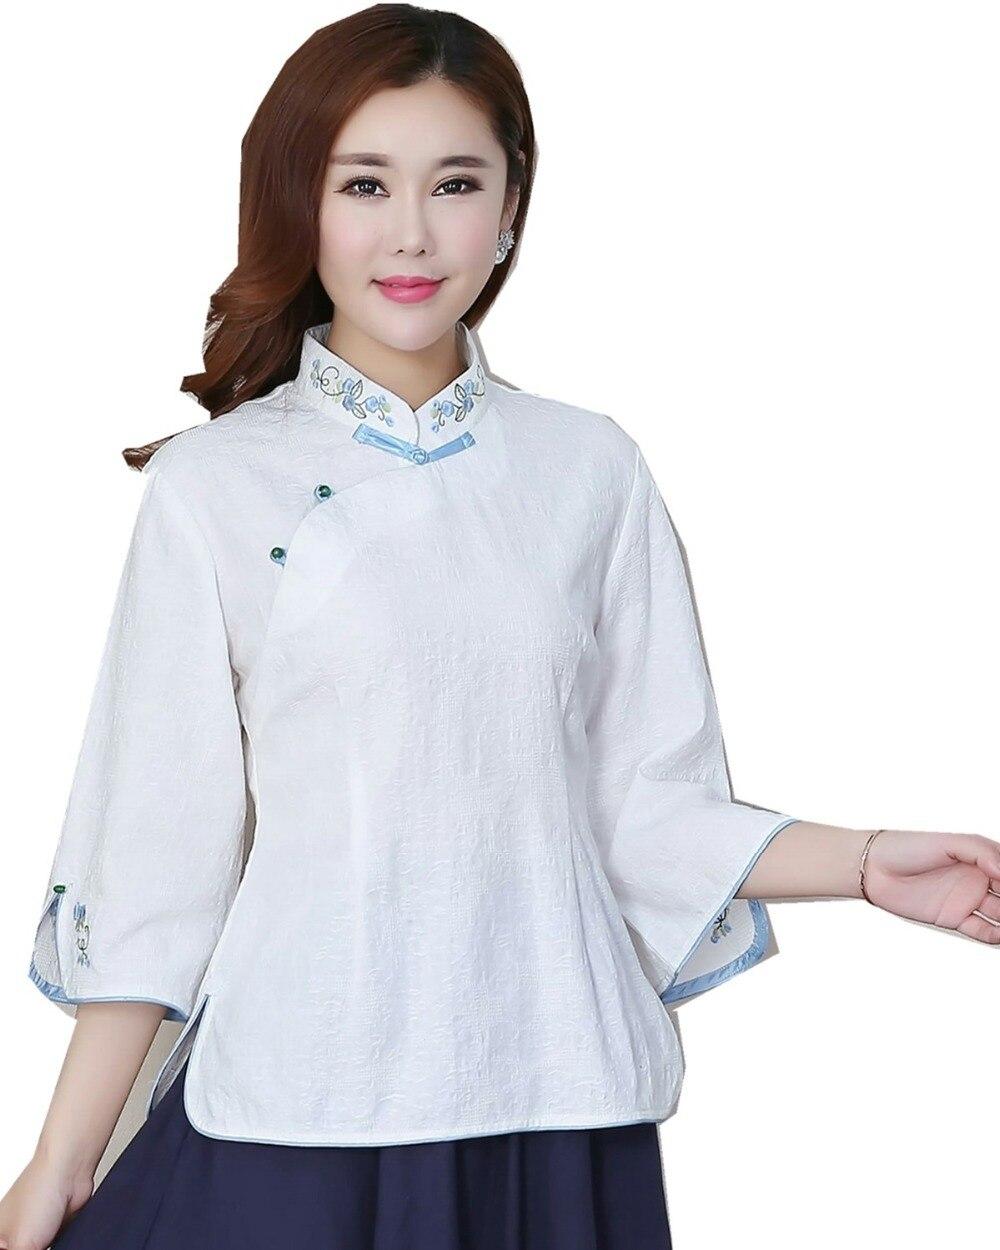 Couleur Style Pour Mélange Blouse Top Lin De Chinois marine Shanghai Femmes Chemise blanc Histoire Cheongsam Gris Femme Bleu 3 PAng6xzq